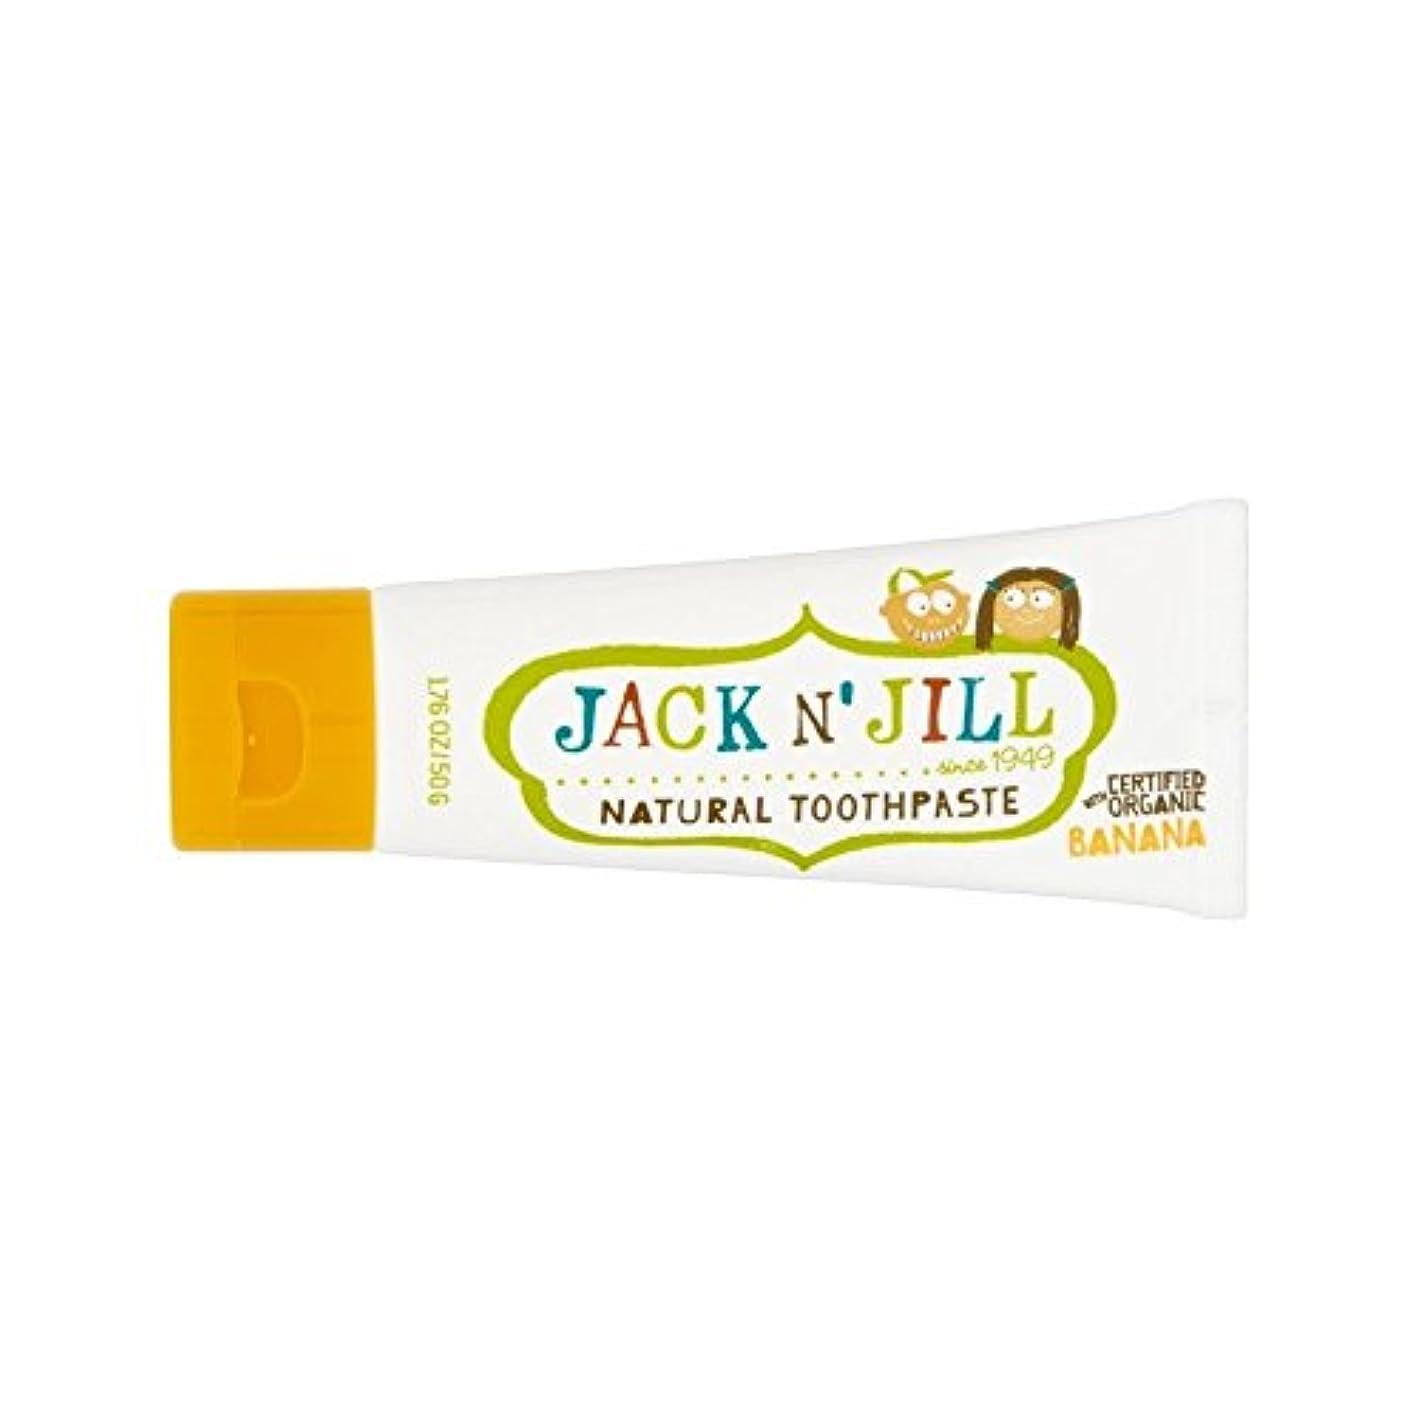 雇用者できない空港有機香味50グラムと自然バナナ歯磨き粉 (Jack N Jill) - Jack N' Jill Banana Toothpaste Natural with Organic Flavouring 50g [並行輸入品]